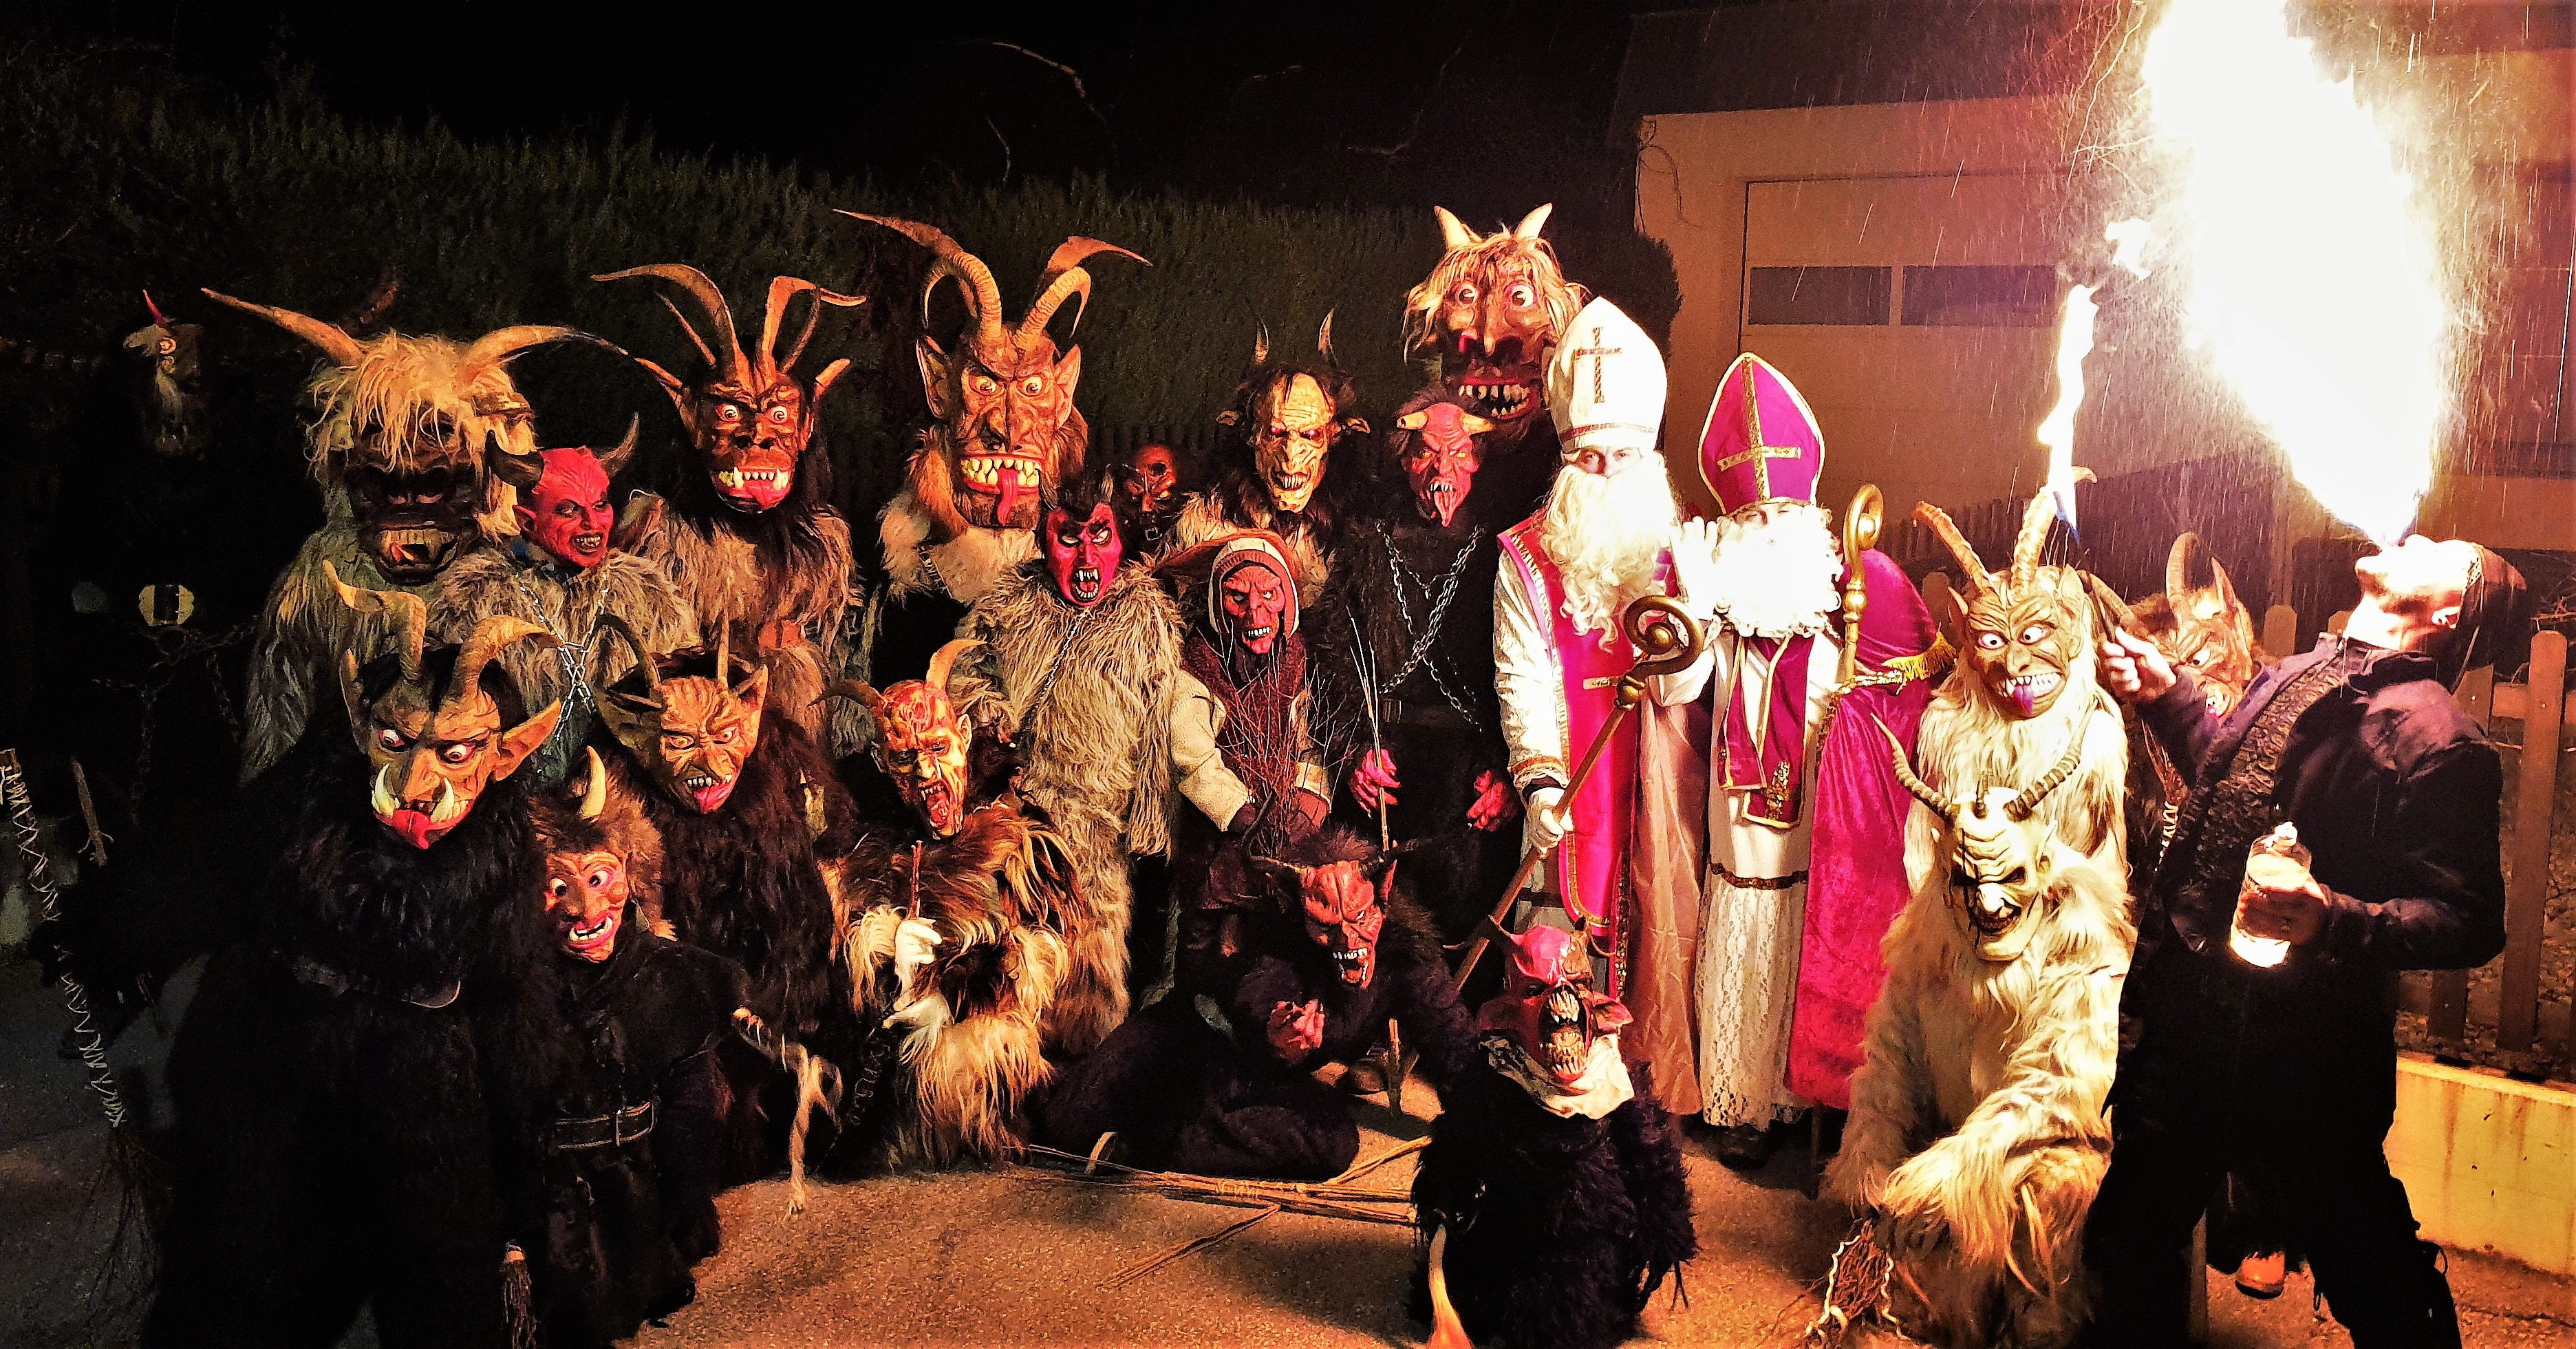 Perchten und Krampusse sorgten für Spektakel in Reichenau